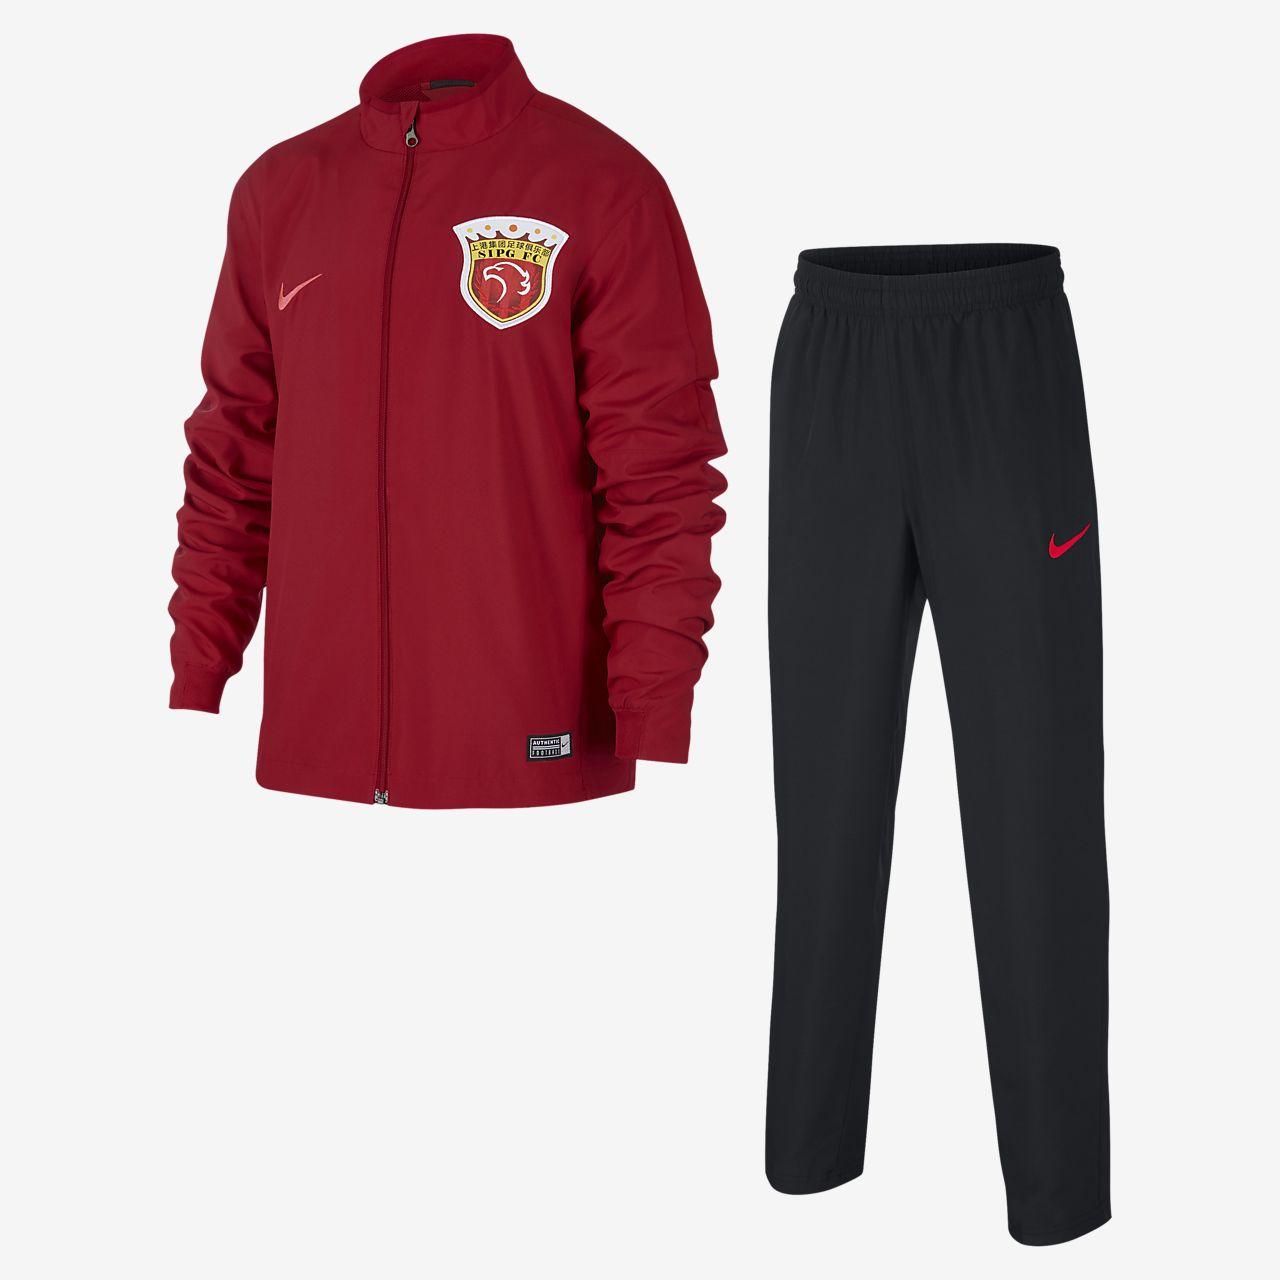 上海上港 Nike Dri-FIT Academy 大童足球运动套装